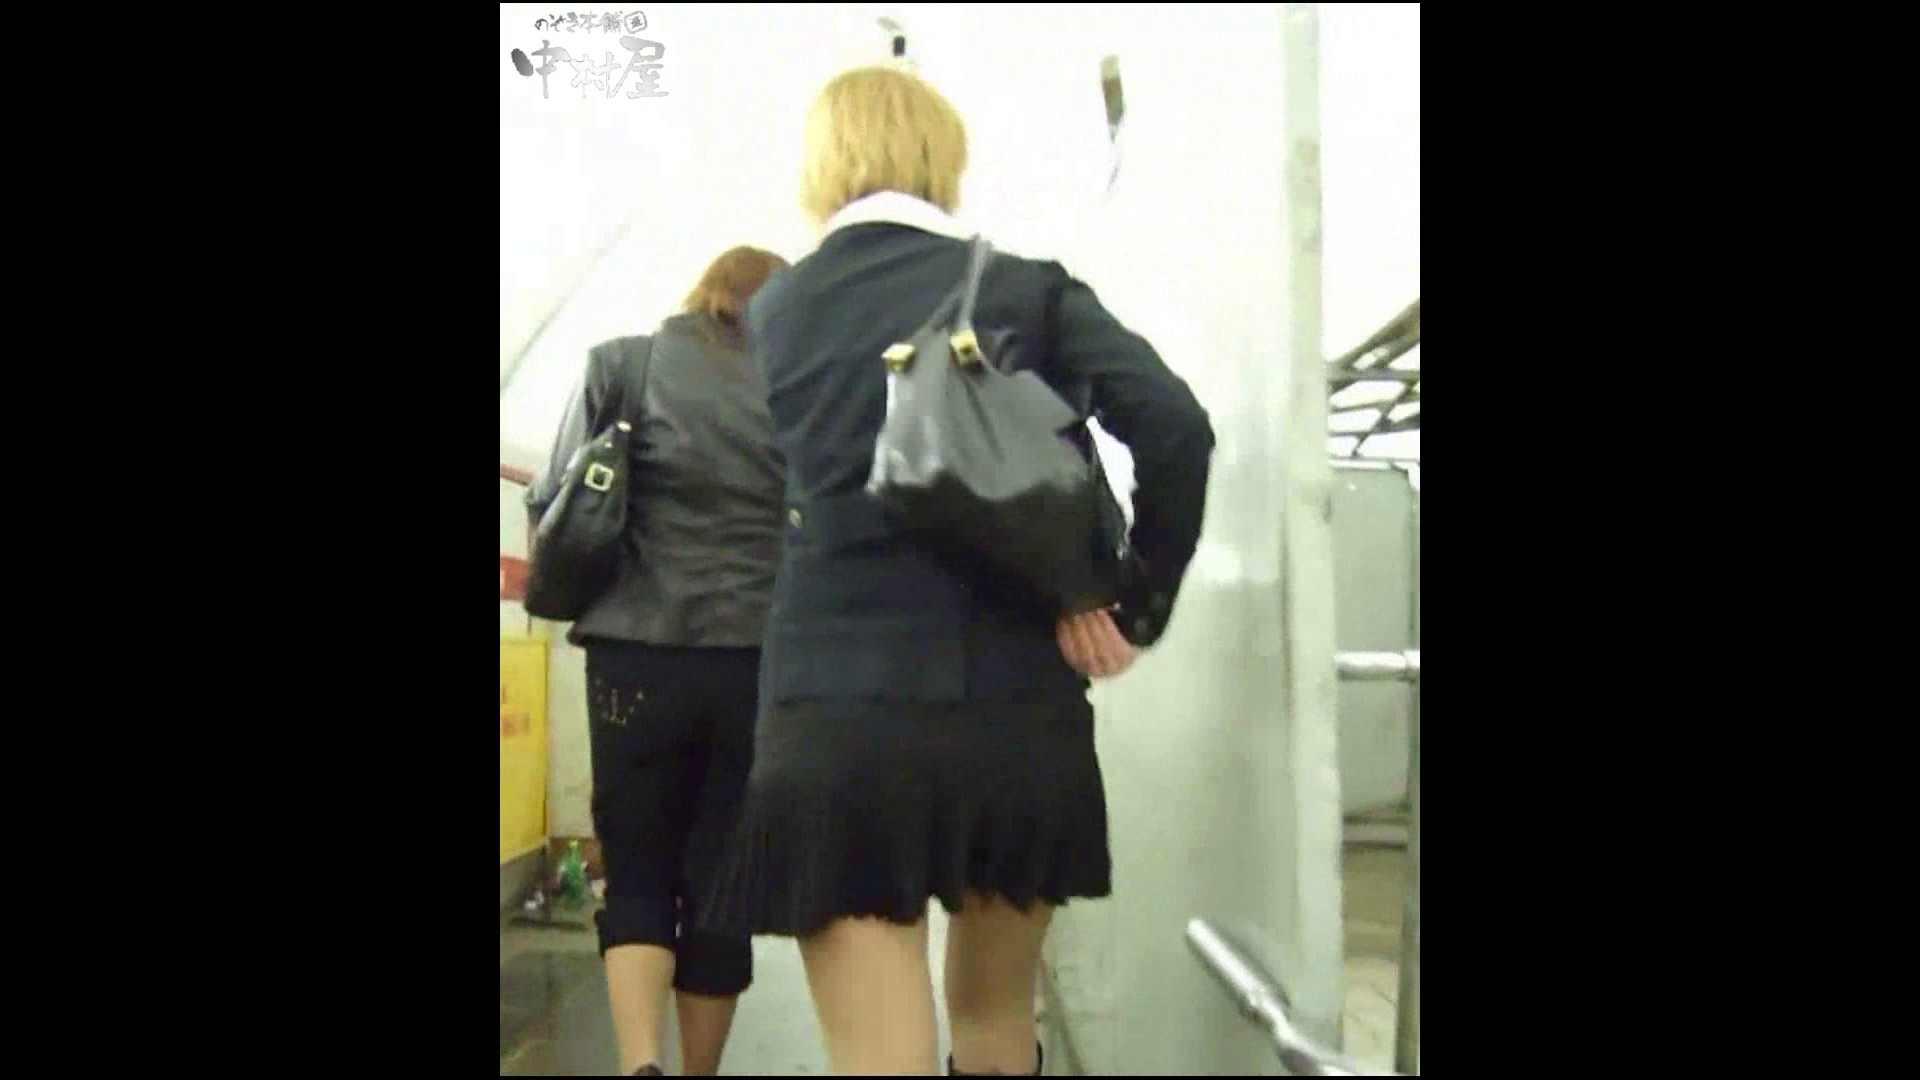 綺麗なモデルさんのスカート捲っちゃおう‼ vol11 OLエロ画像 | お姉さん  61PICs 37